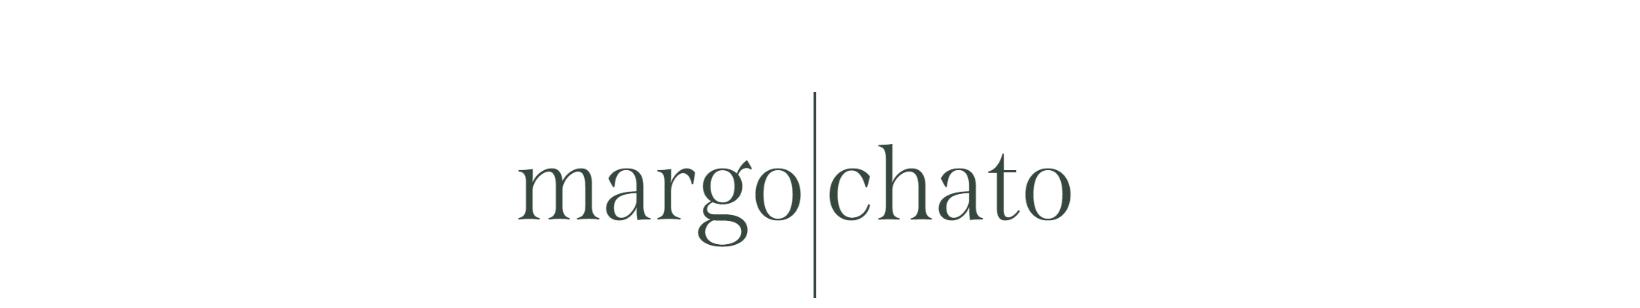 MARGOCHATO